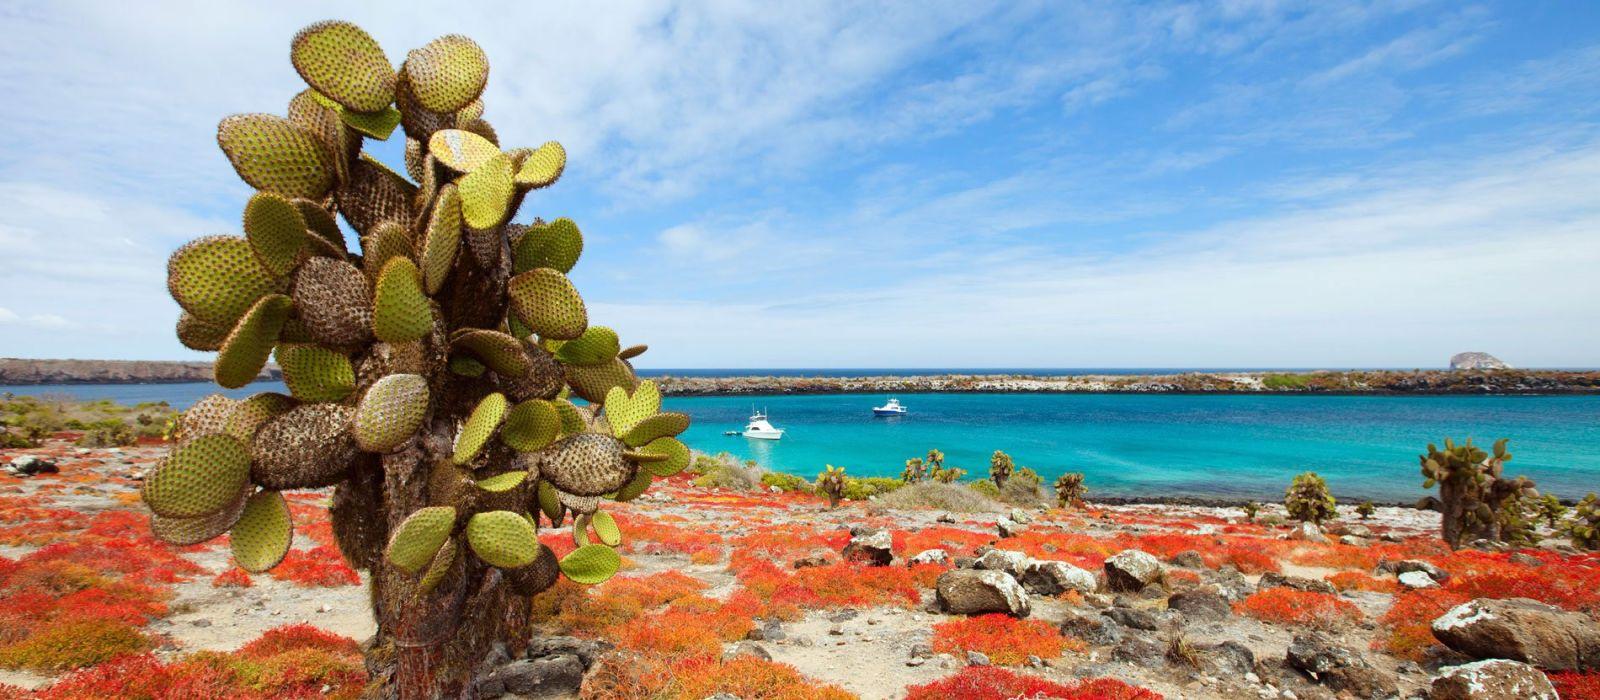 Destination Galapagos Ecuador/Galapagos